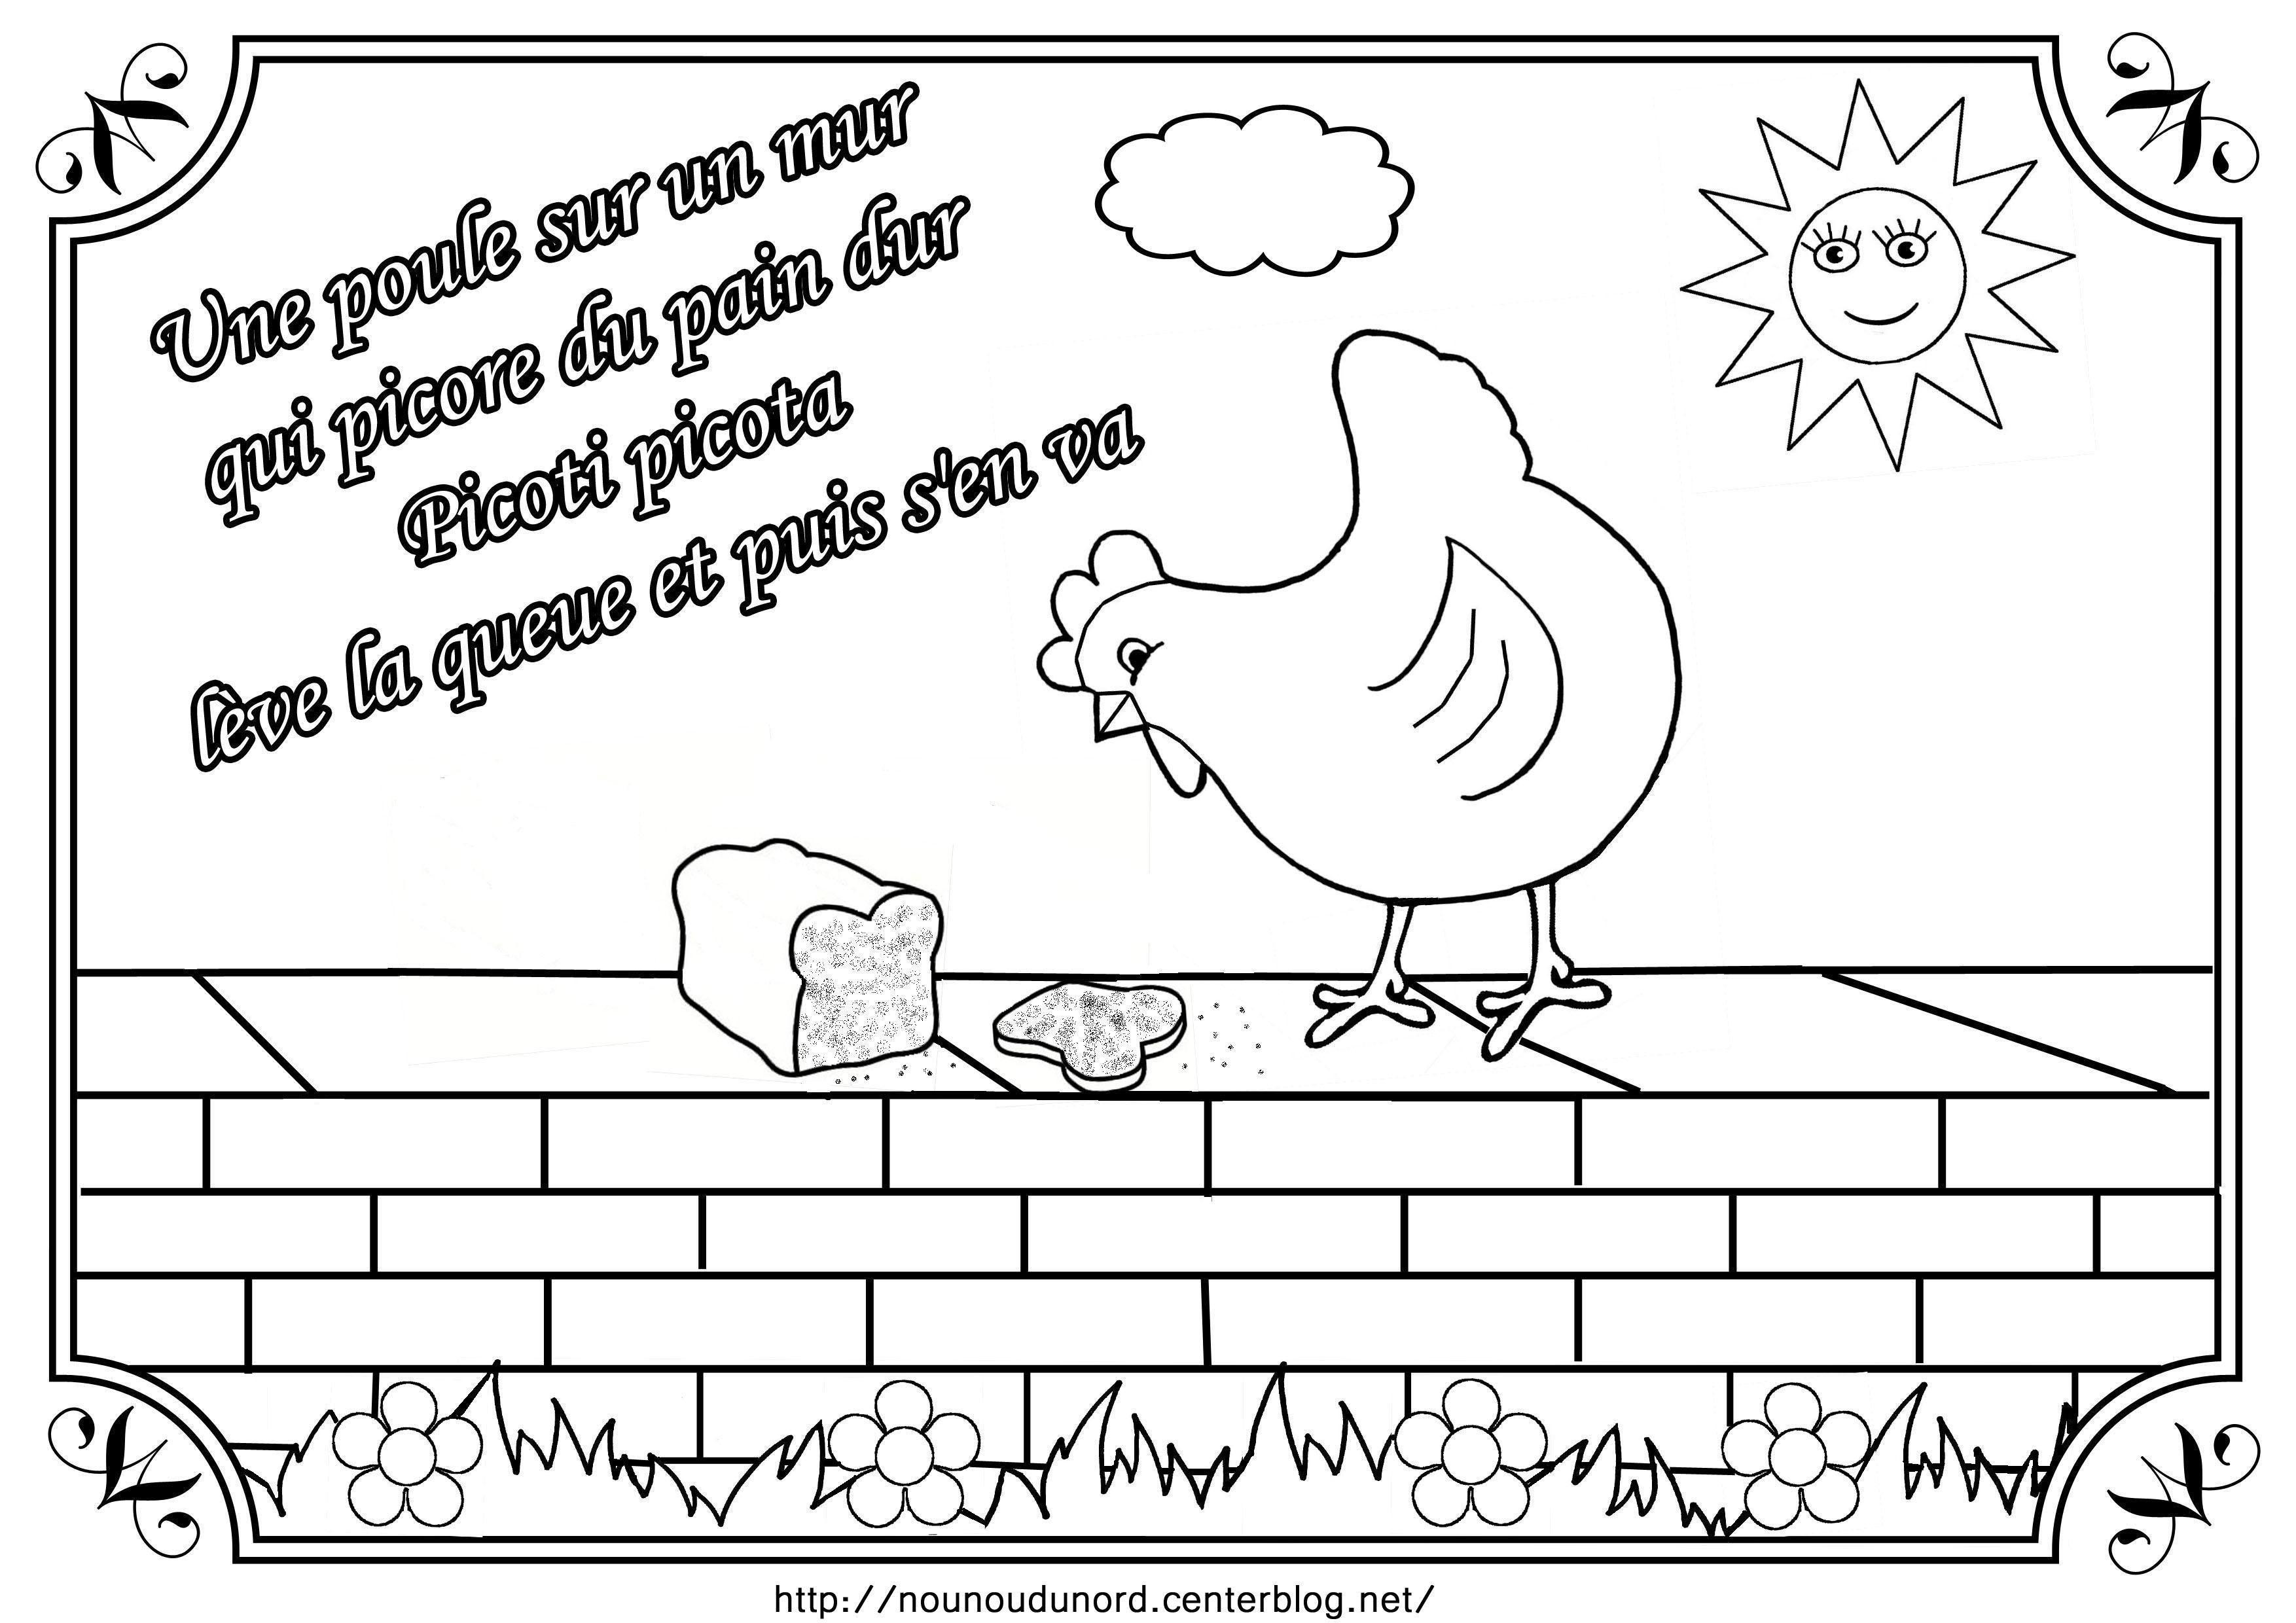 Comptine une poule sur un mur illustr e par nounoudunord for Par la fenetre ouverte comptine